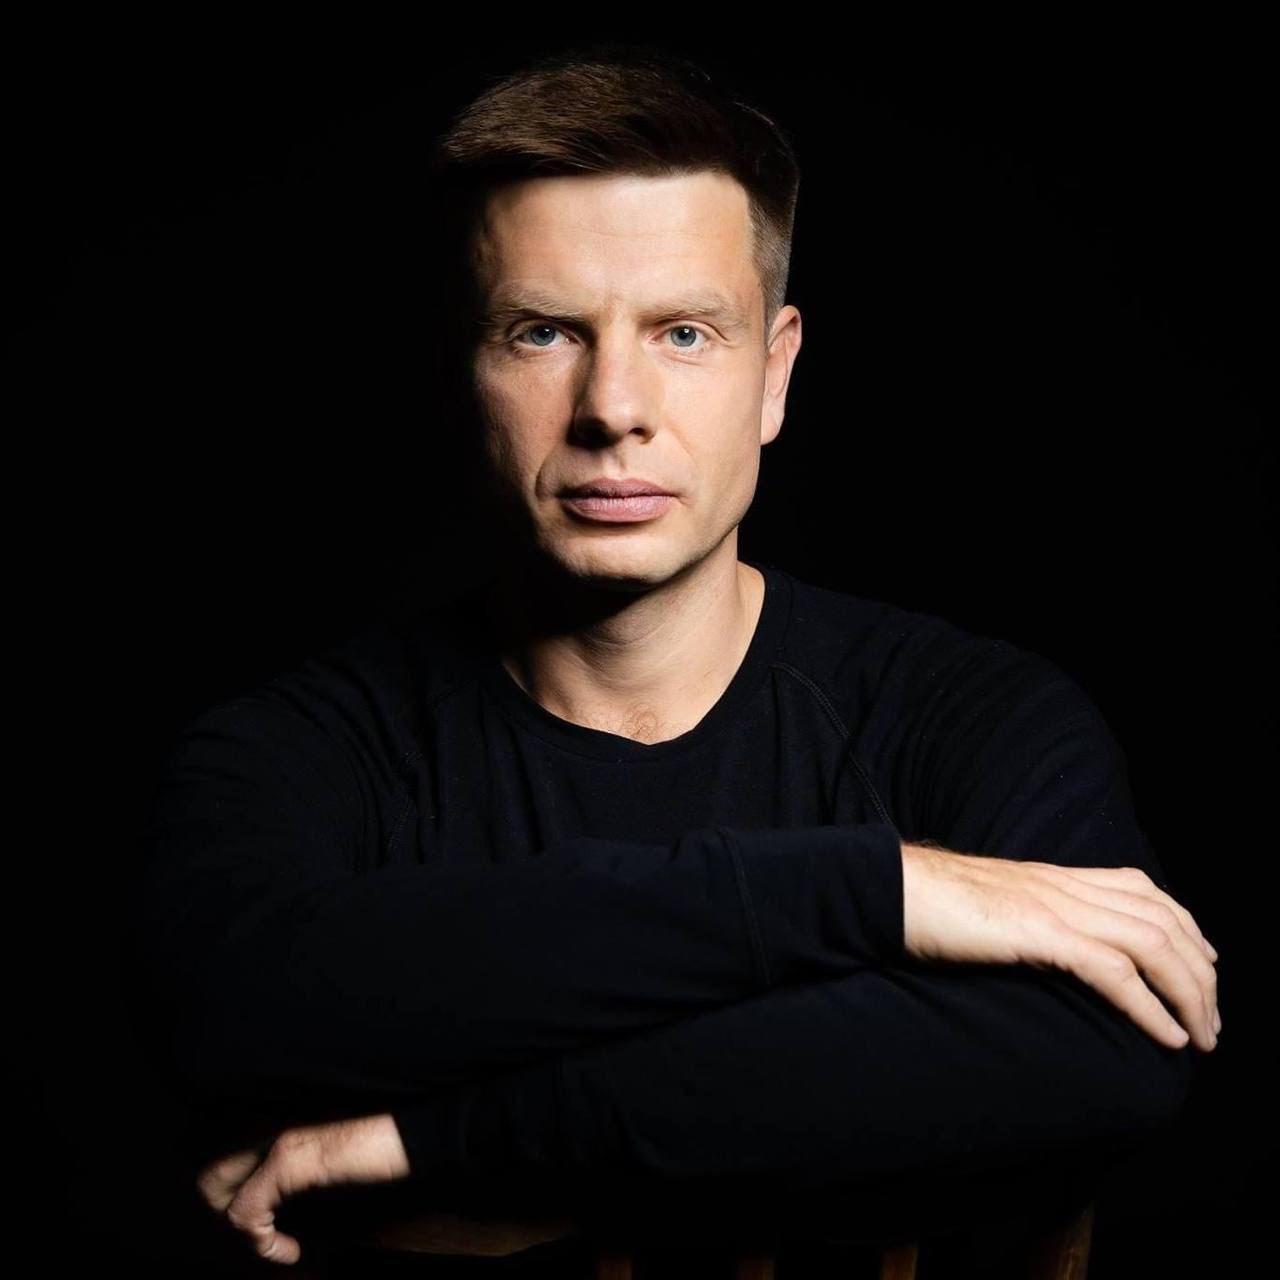 Oleksiy Goncharenko